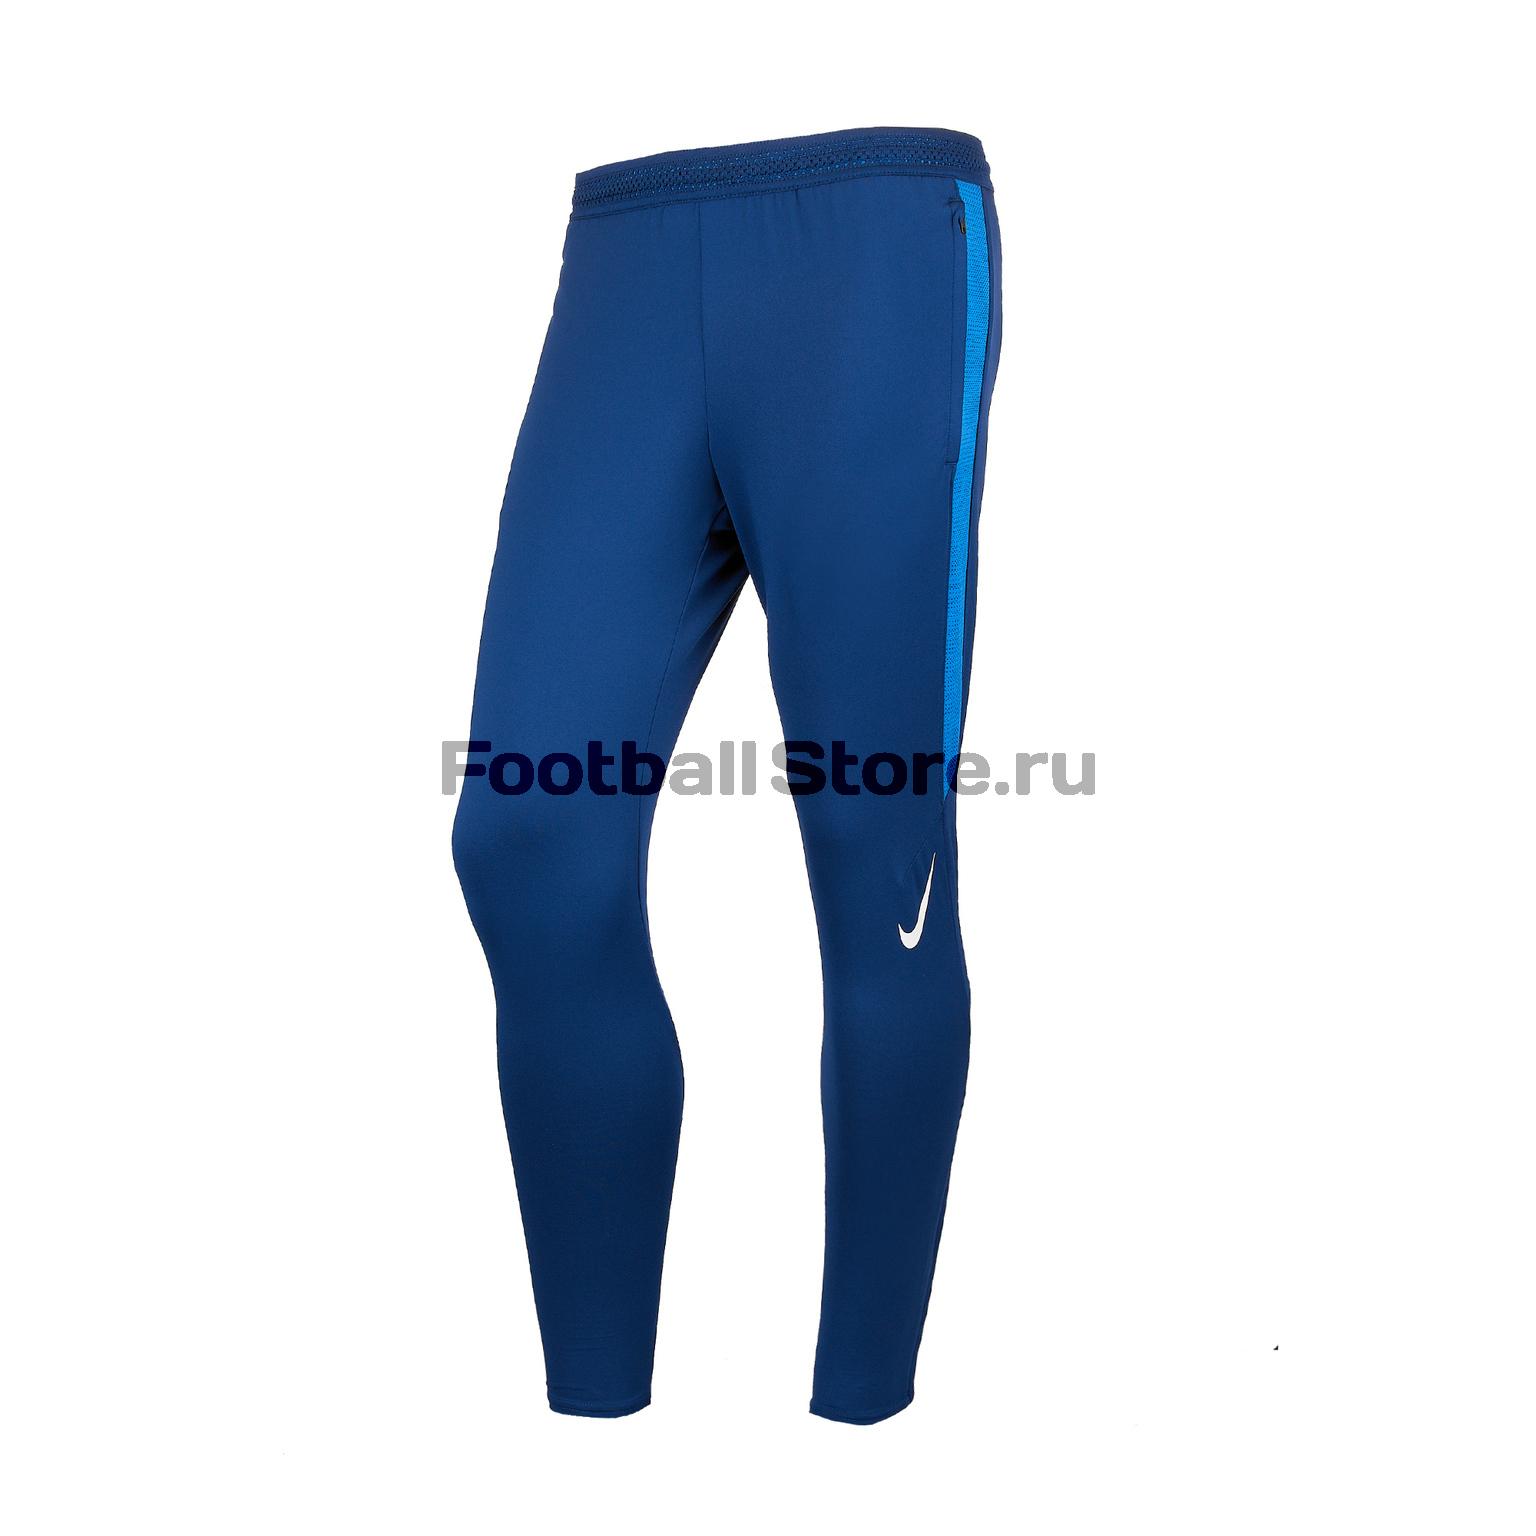 Брюки тренировочные Nike Dry Strike Pant AT5933-407 цены